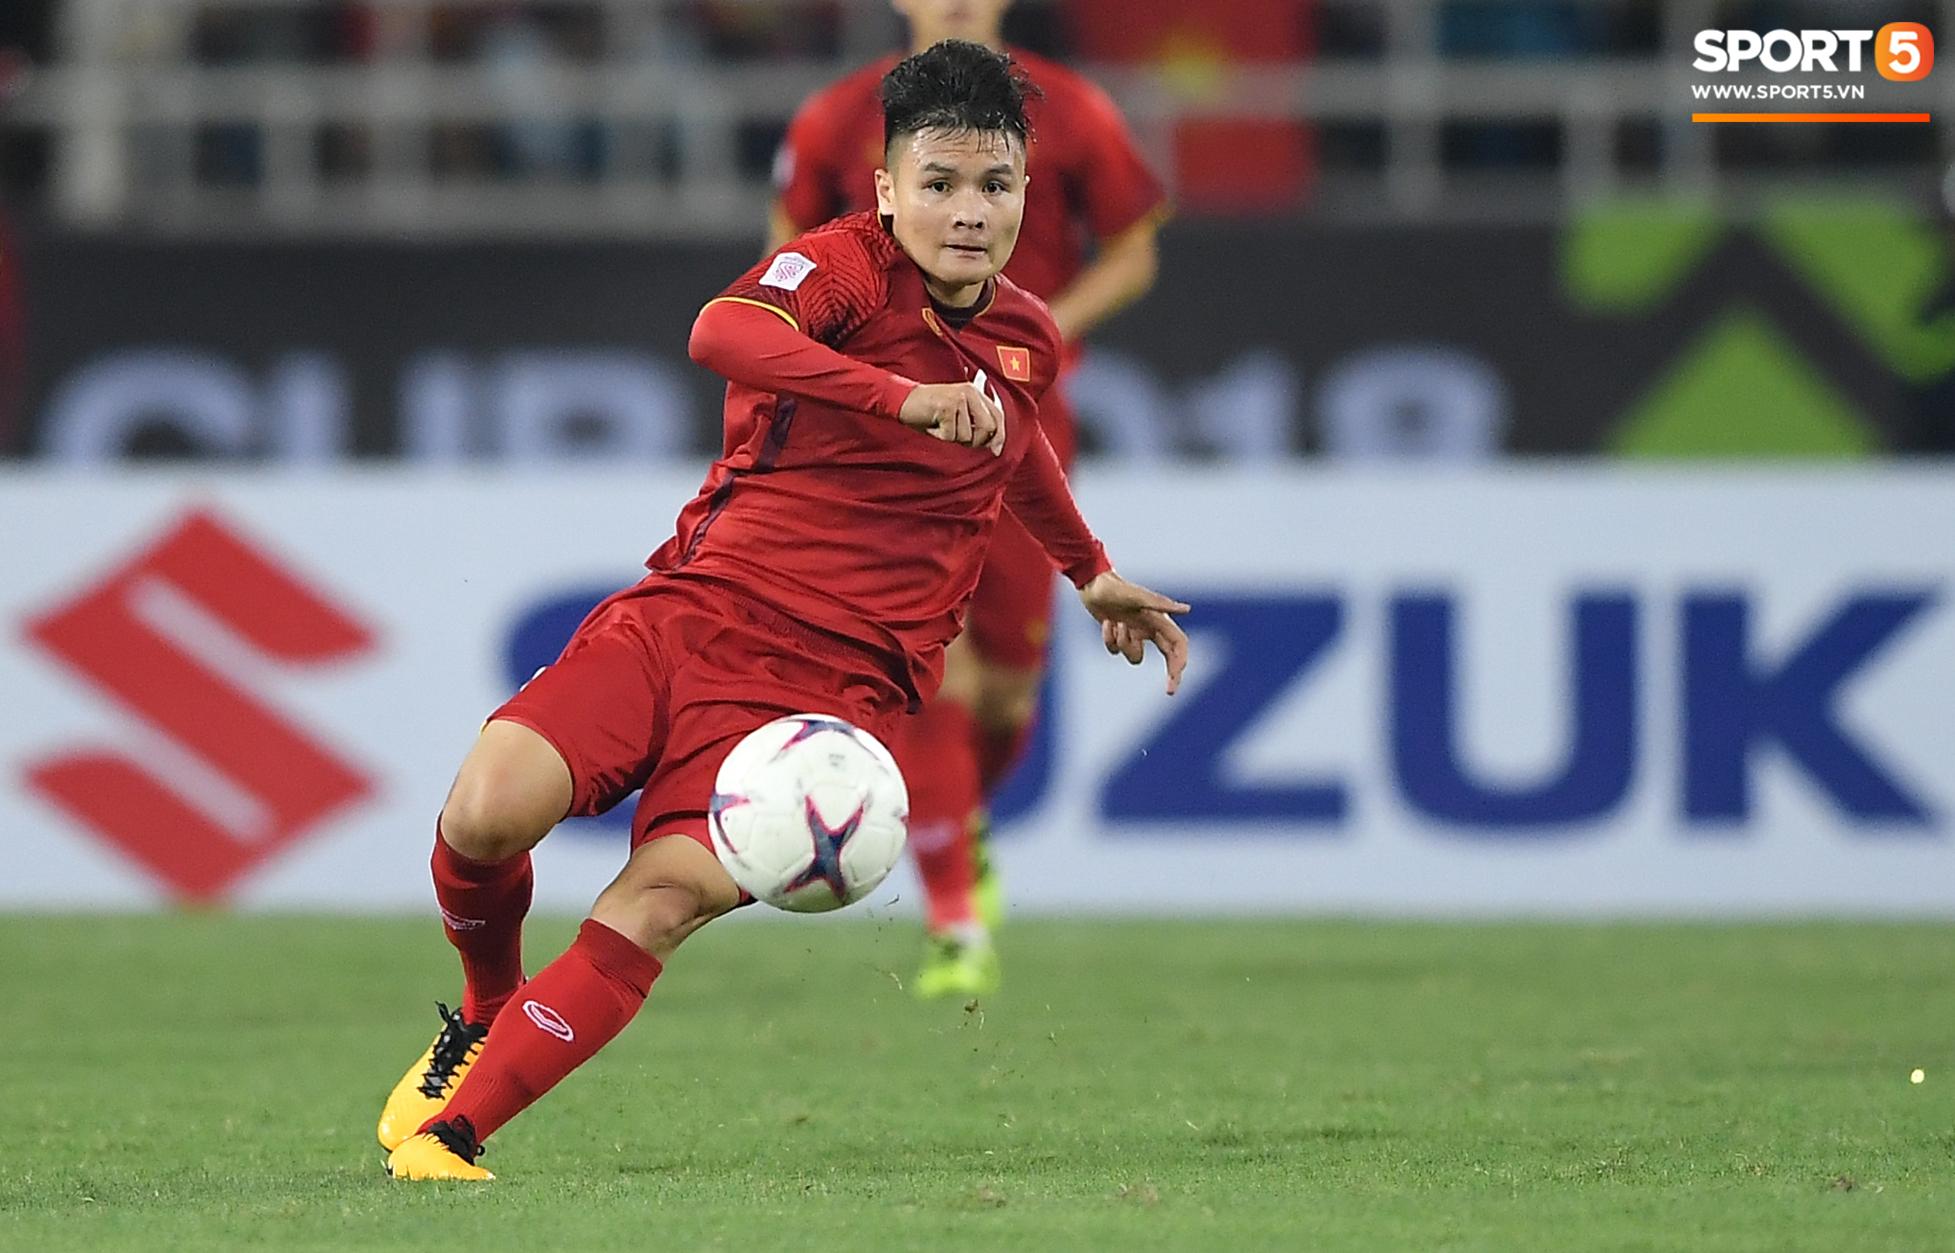 Quang Hải lọt vào danh sách rút gọn đề cử cầu thủ xuất sắc nhất Châu Á 2018 - Ảnh 1.